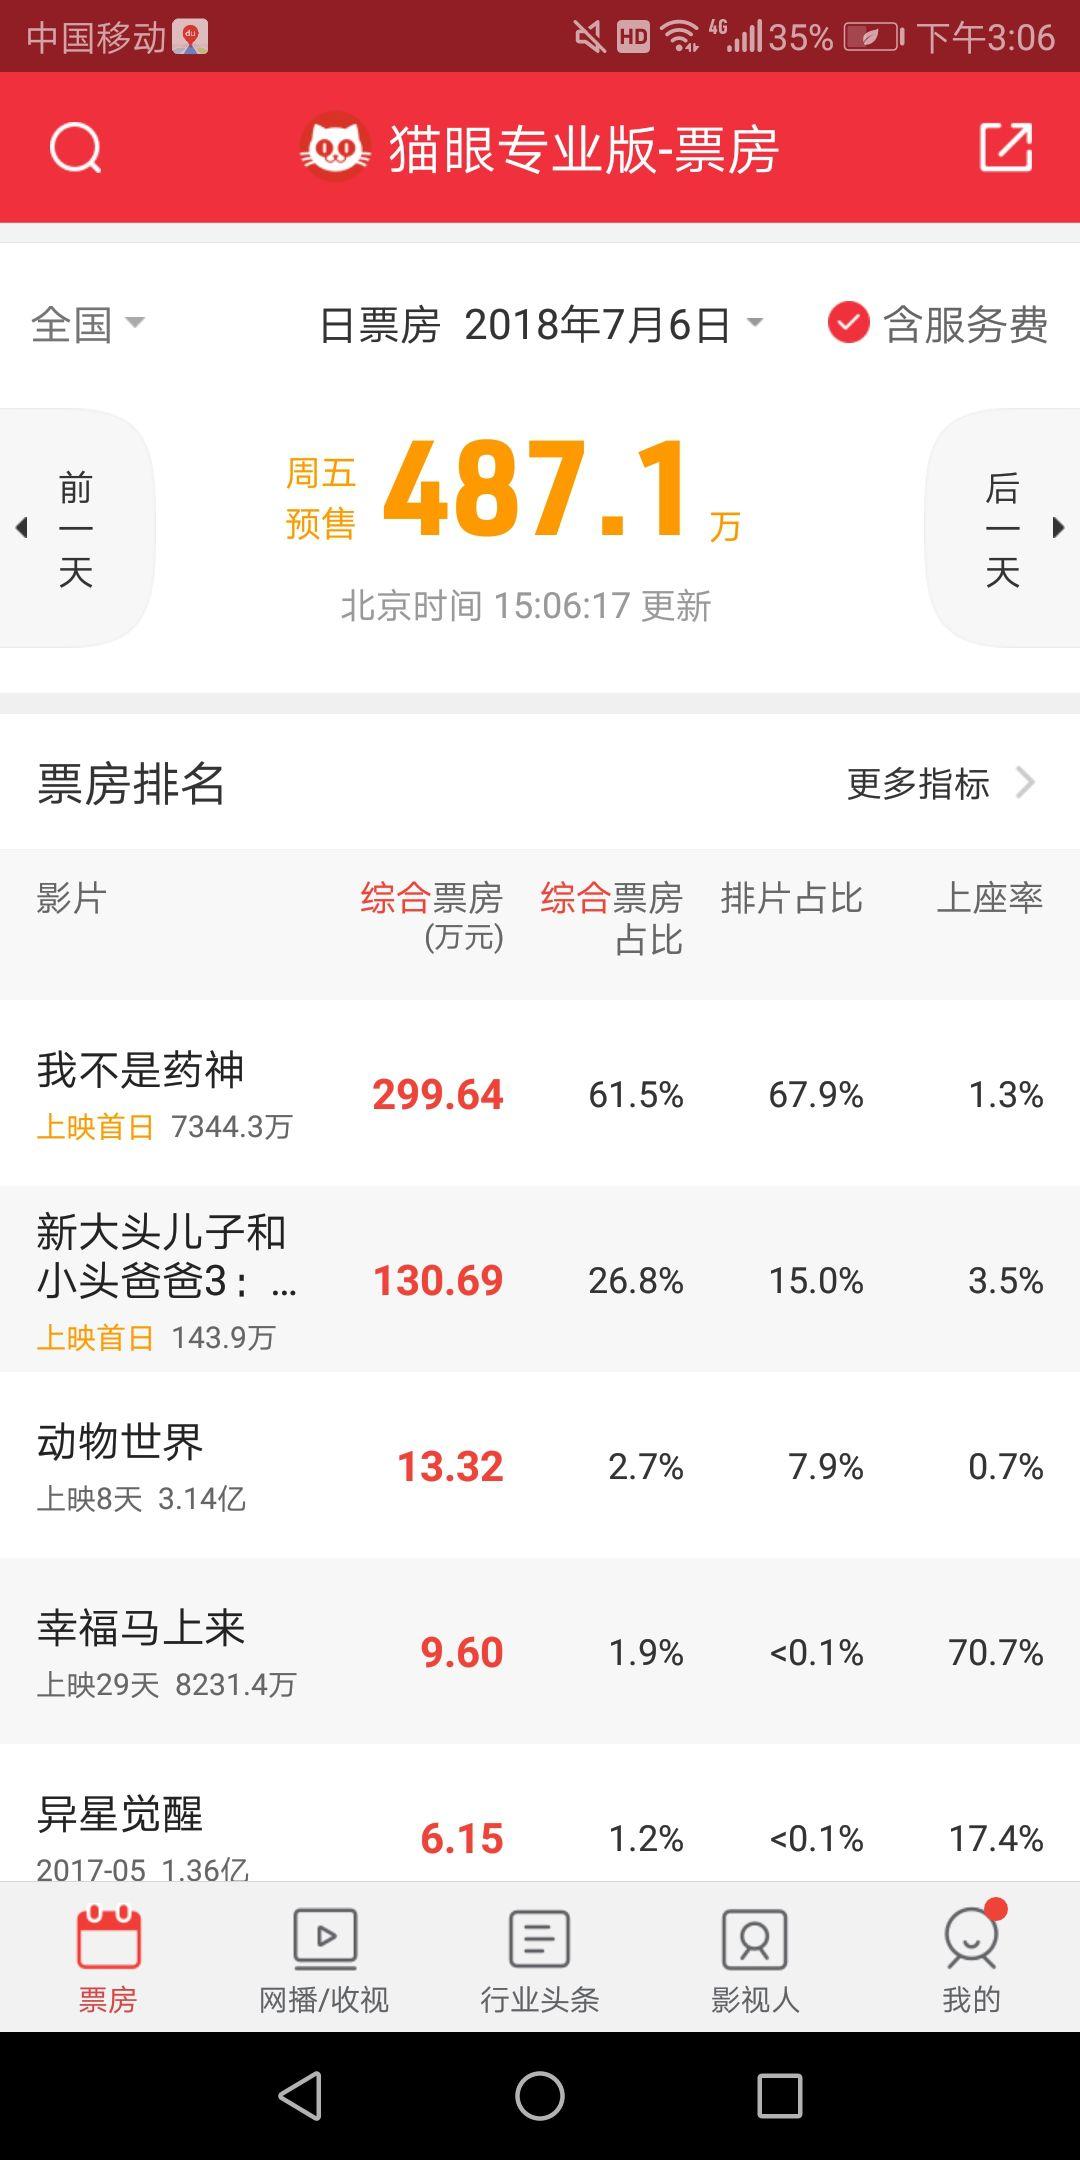 《我不是药神》使北京文化涨停 会不会再过山车?